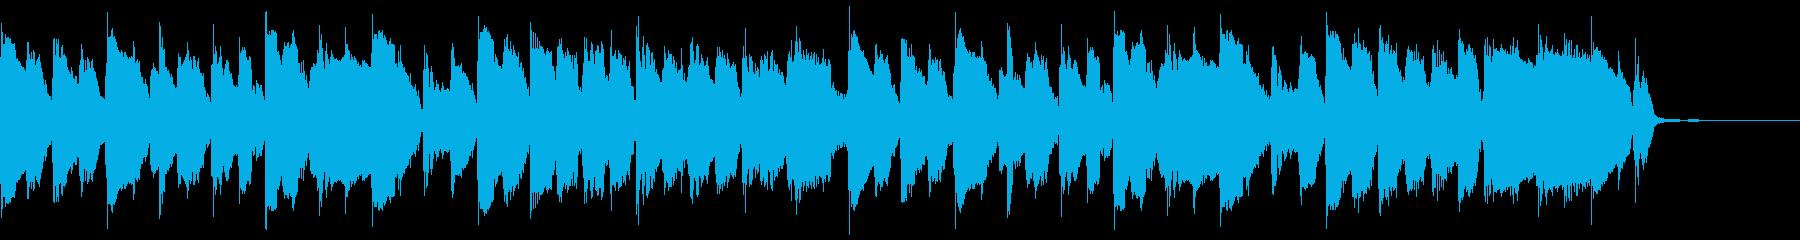 ネットCM 30秒 リコーダーA 日常の再生済みの波形